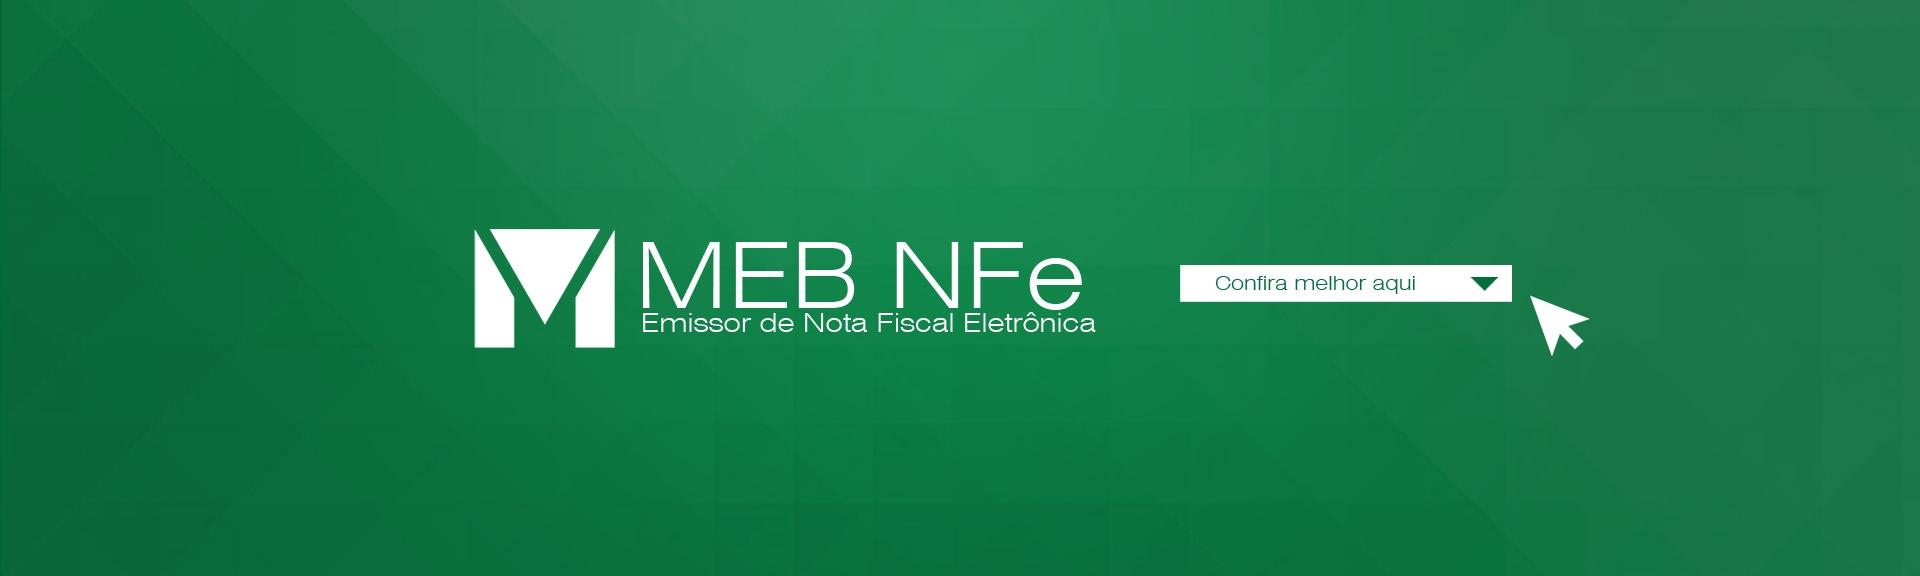 MEB NFE